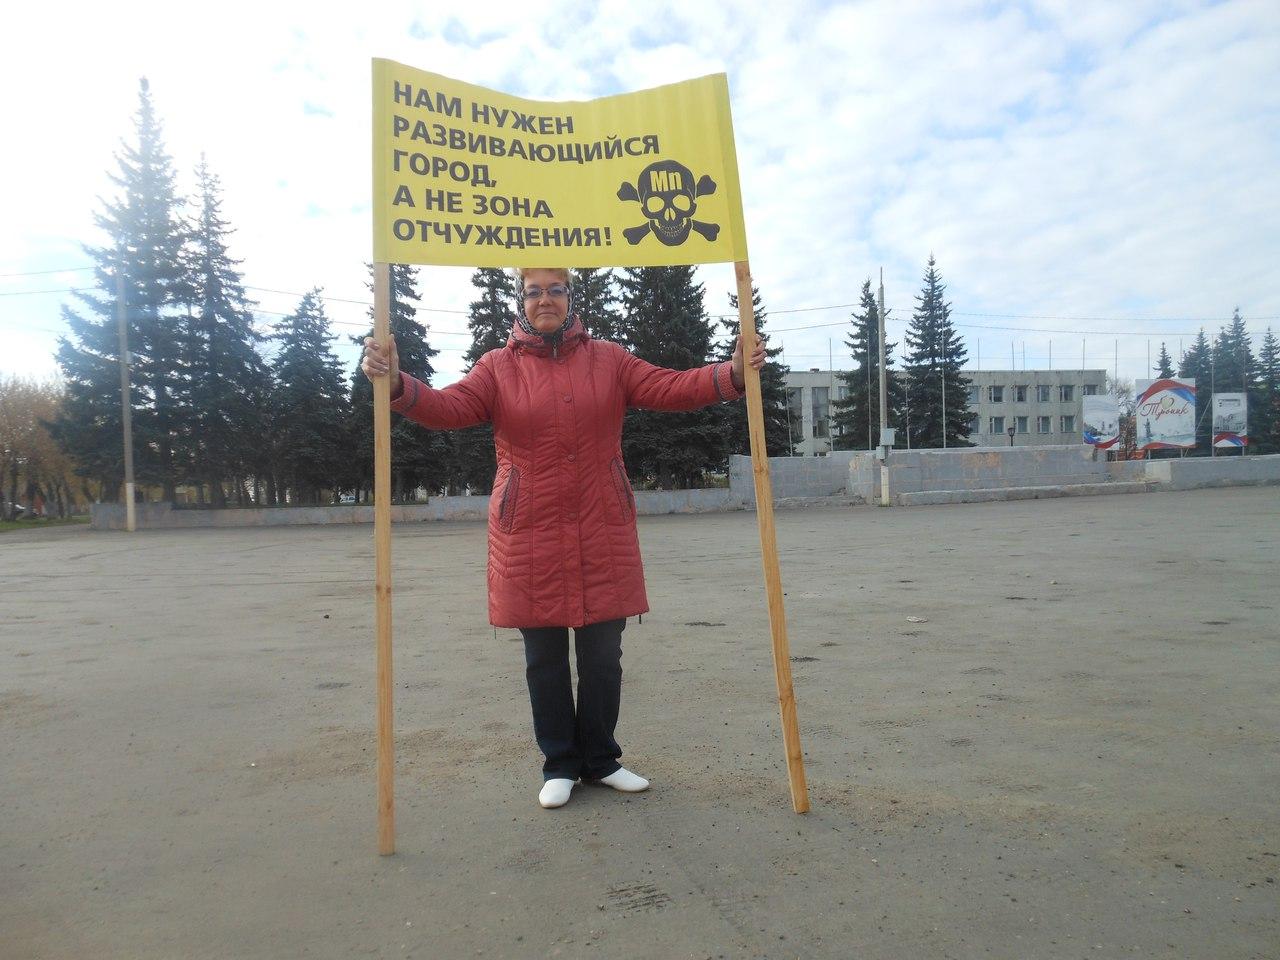 Одиночные пикеты против строительства ТМЗ. Апрель 2016